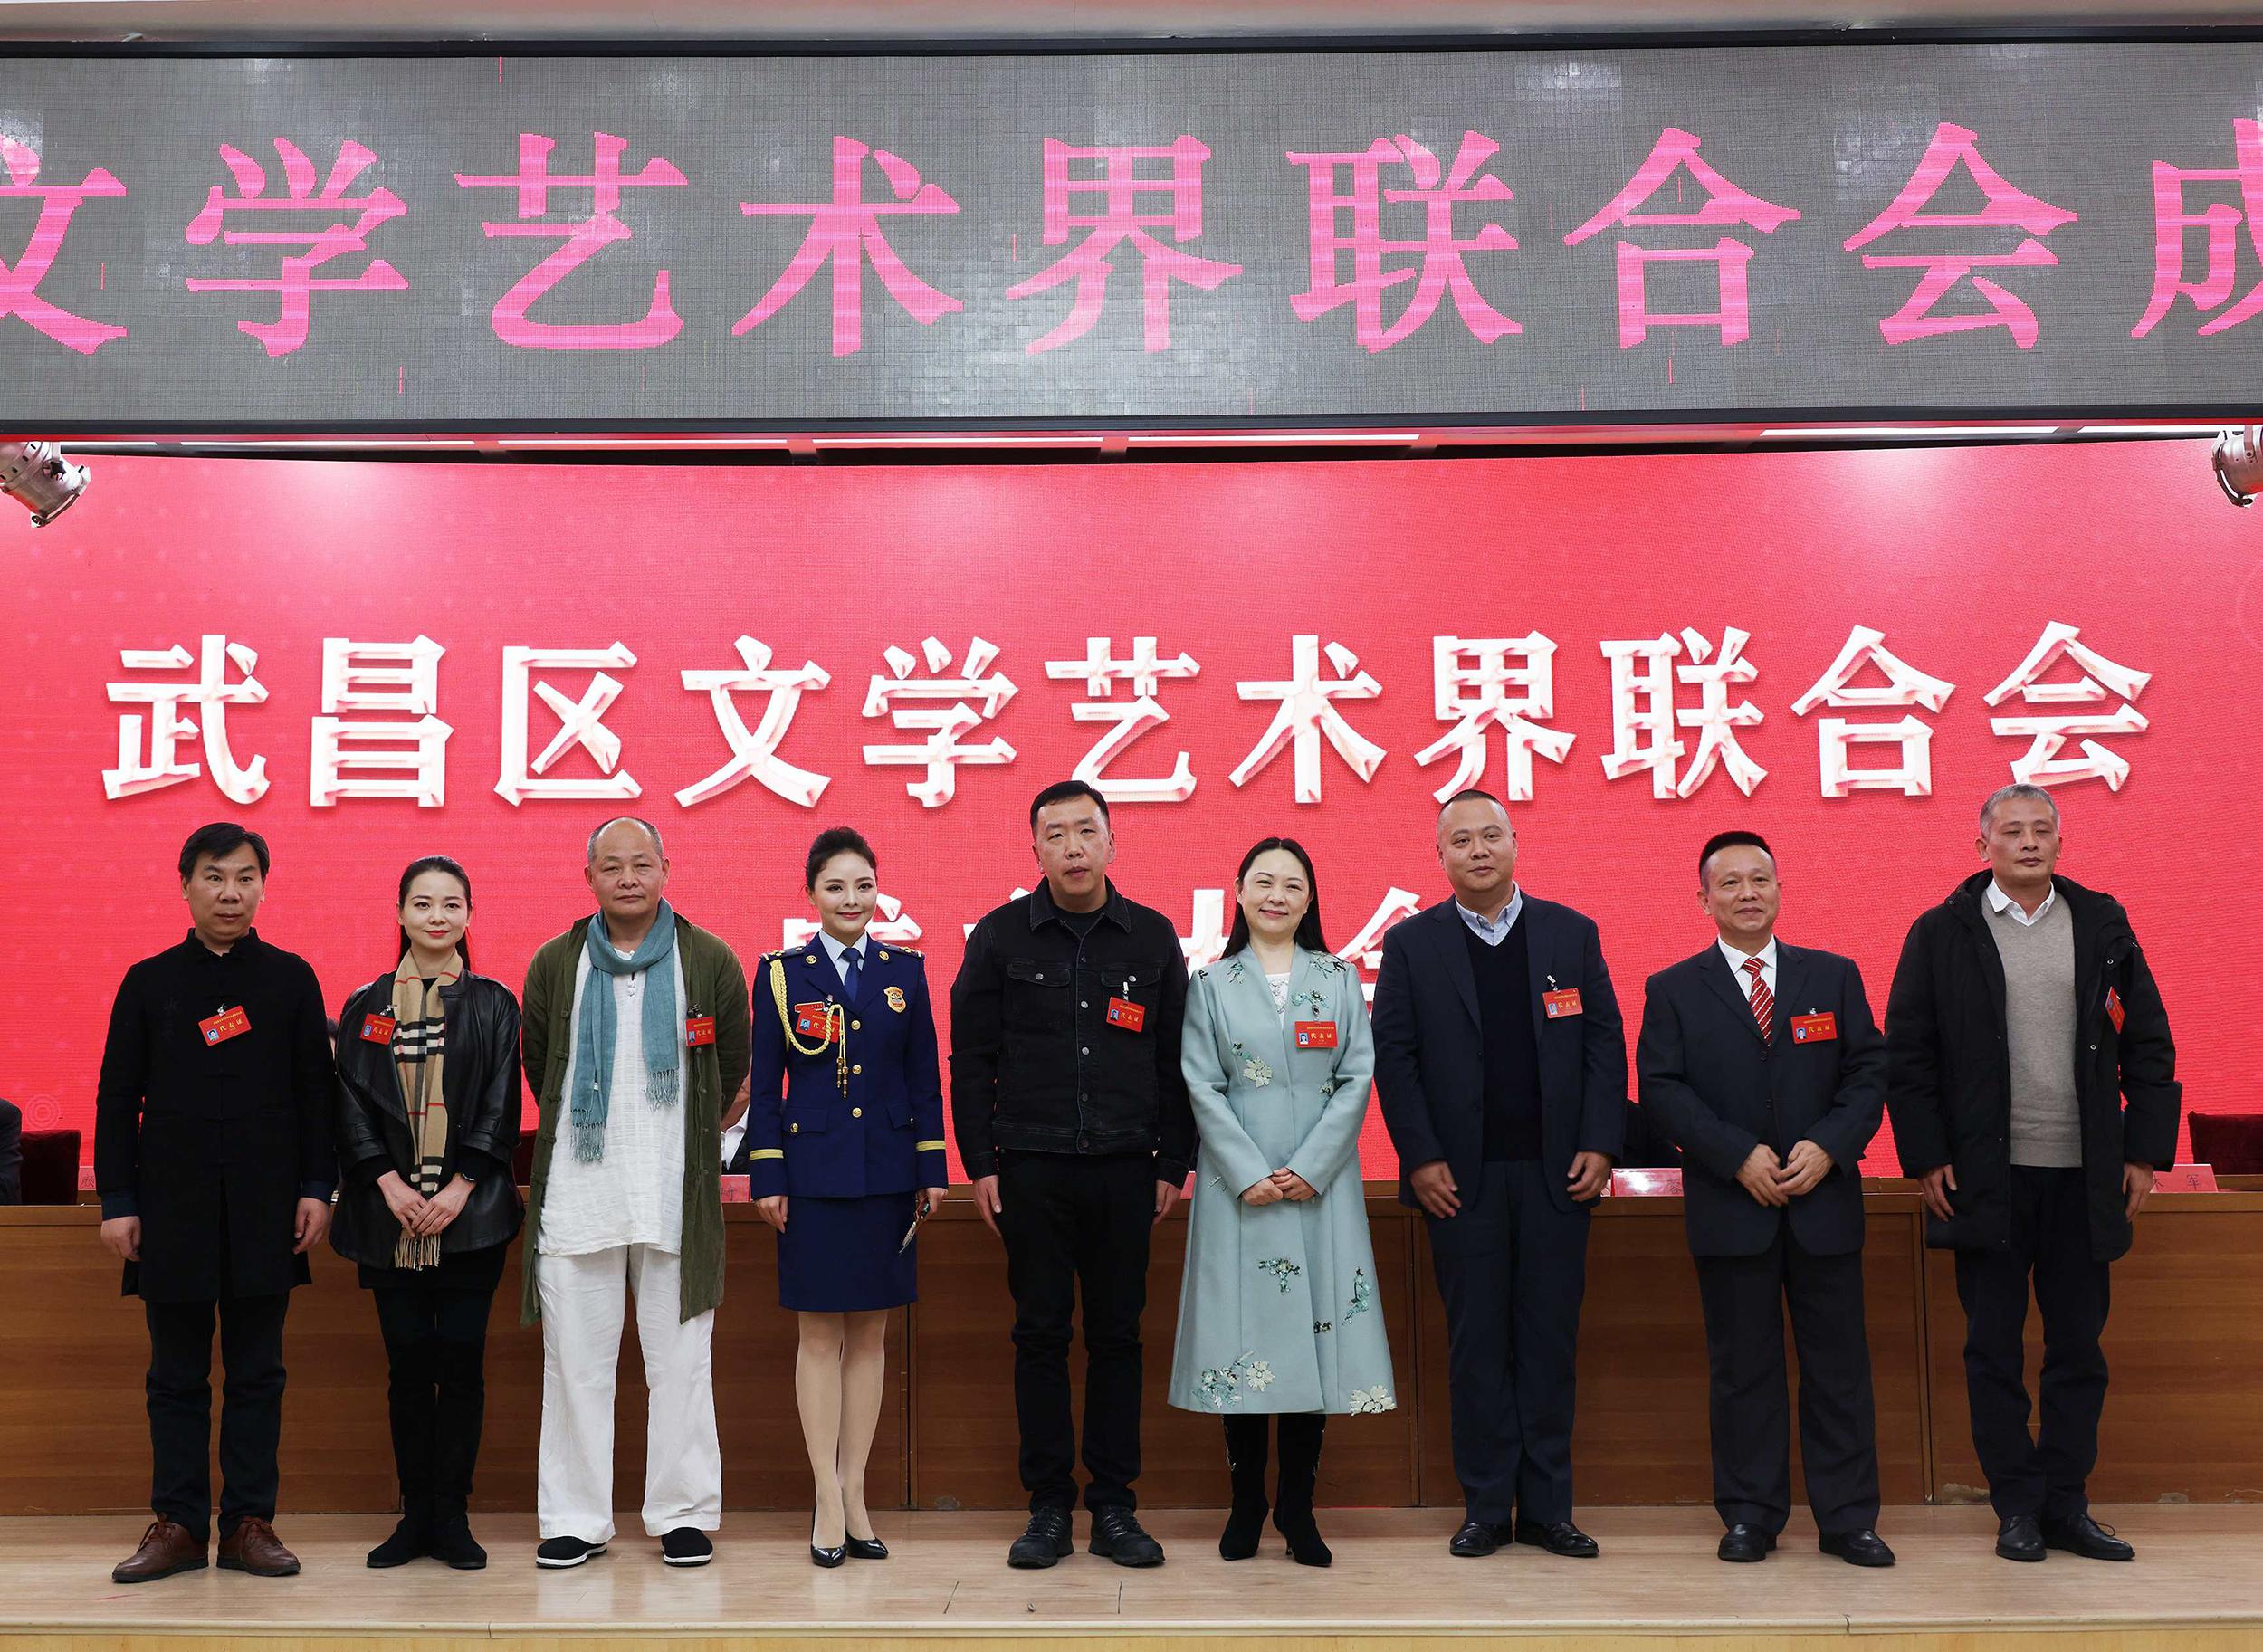 大成武昌绽新芳 武汉市武昌区文学艺术界联合会正式成立!